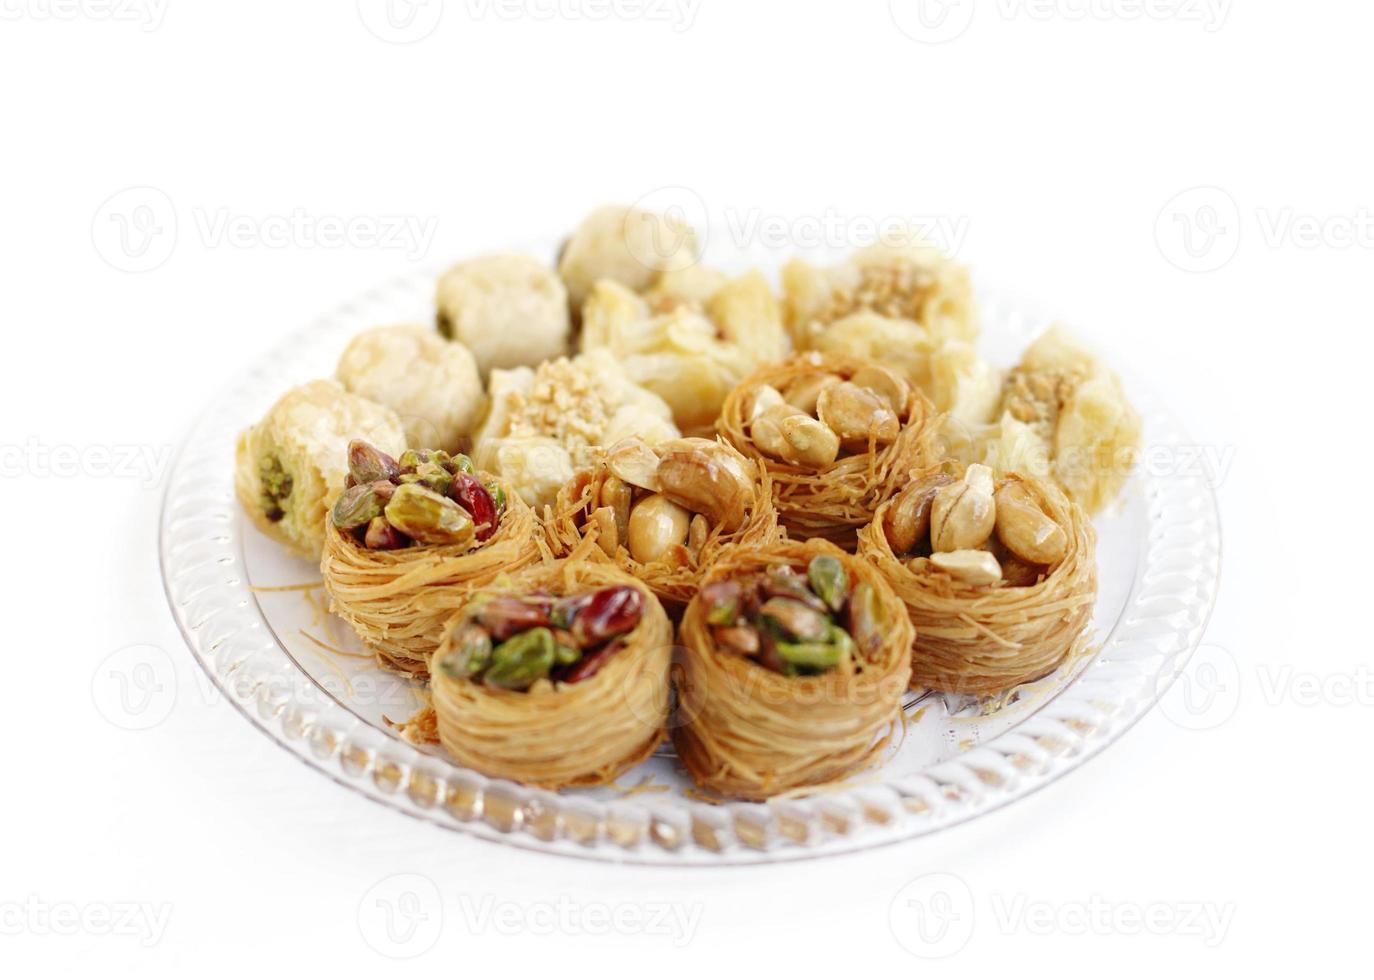 baklava araba tradizionale assortita deliziosa dei dolci, fuoco sulla baklava dell'anacardio foto